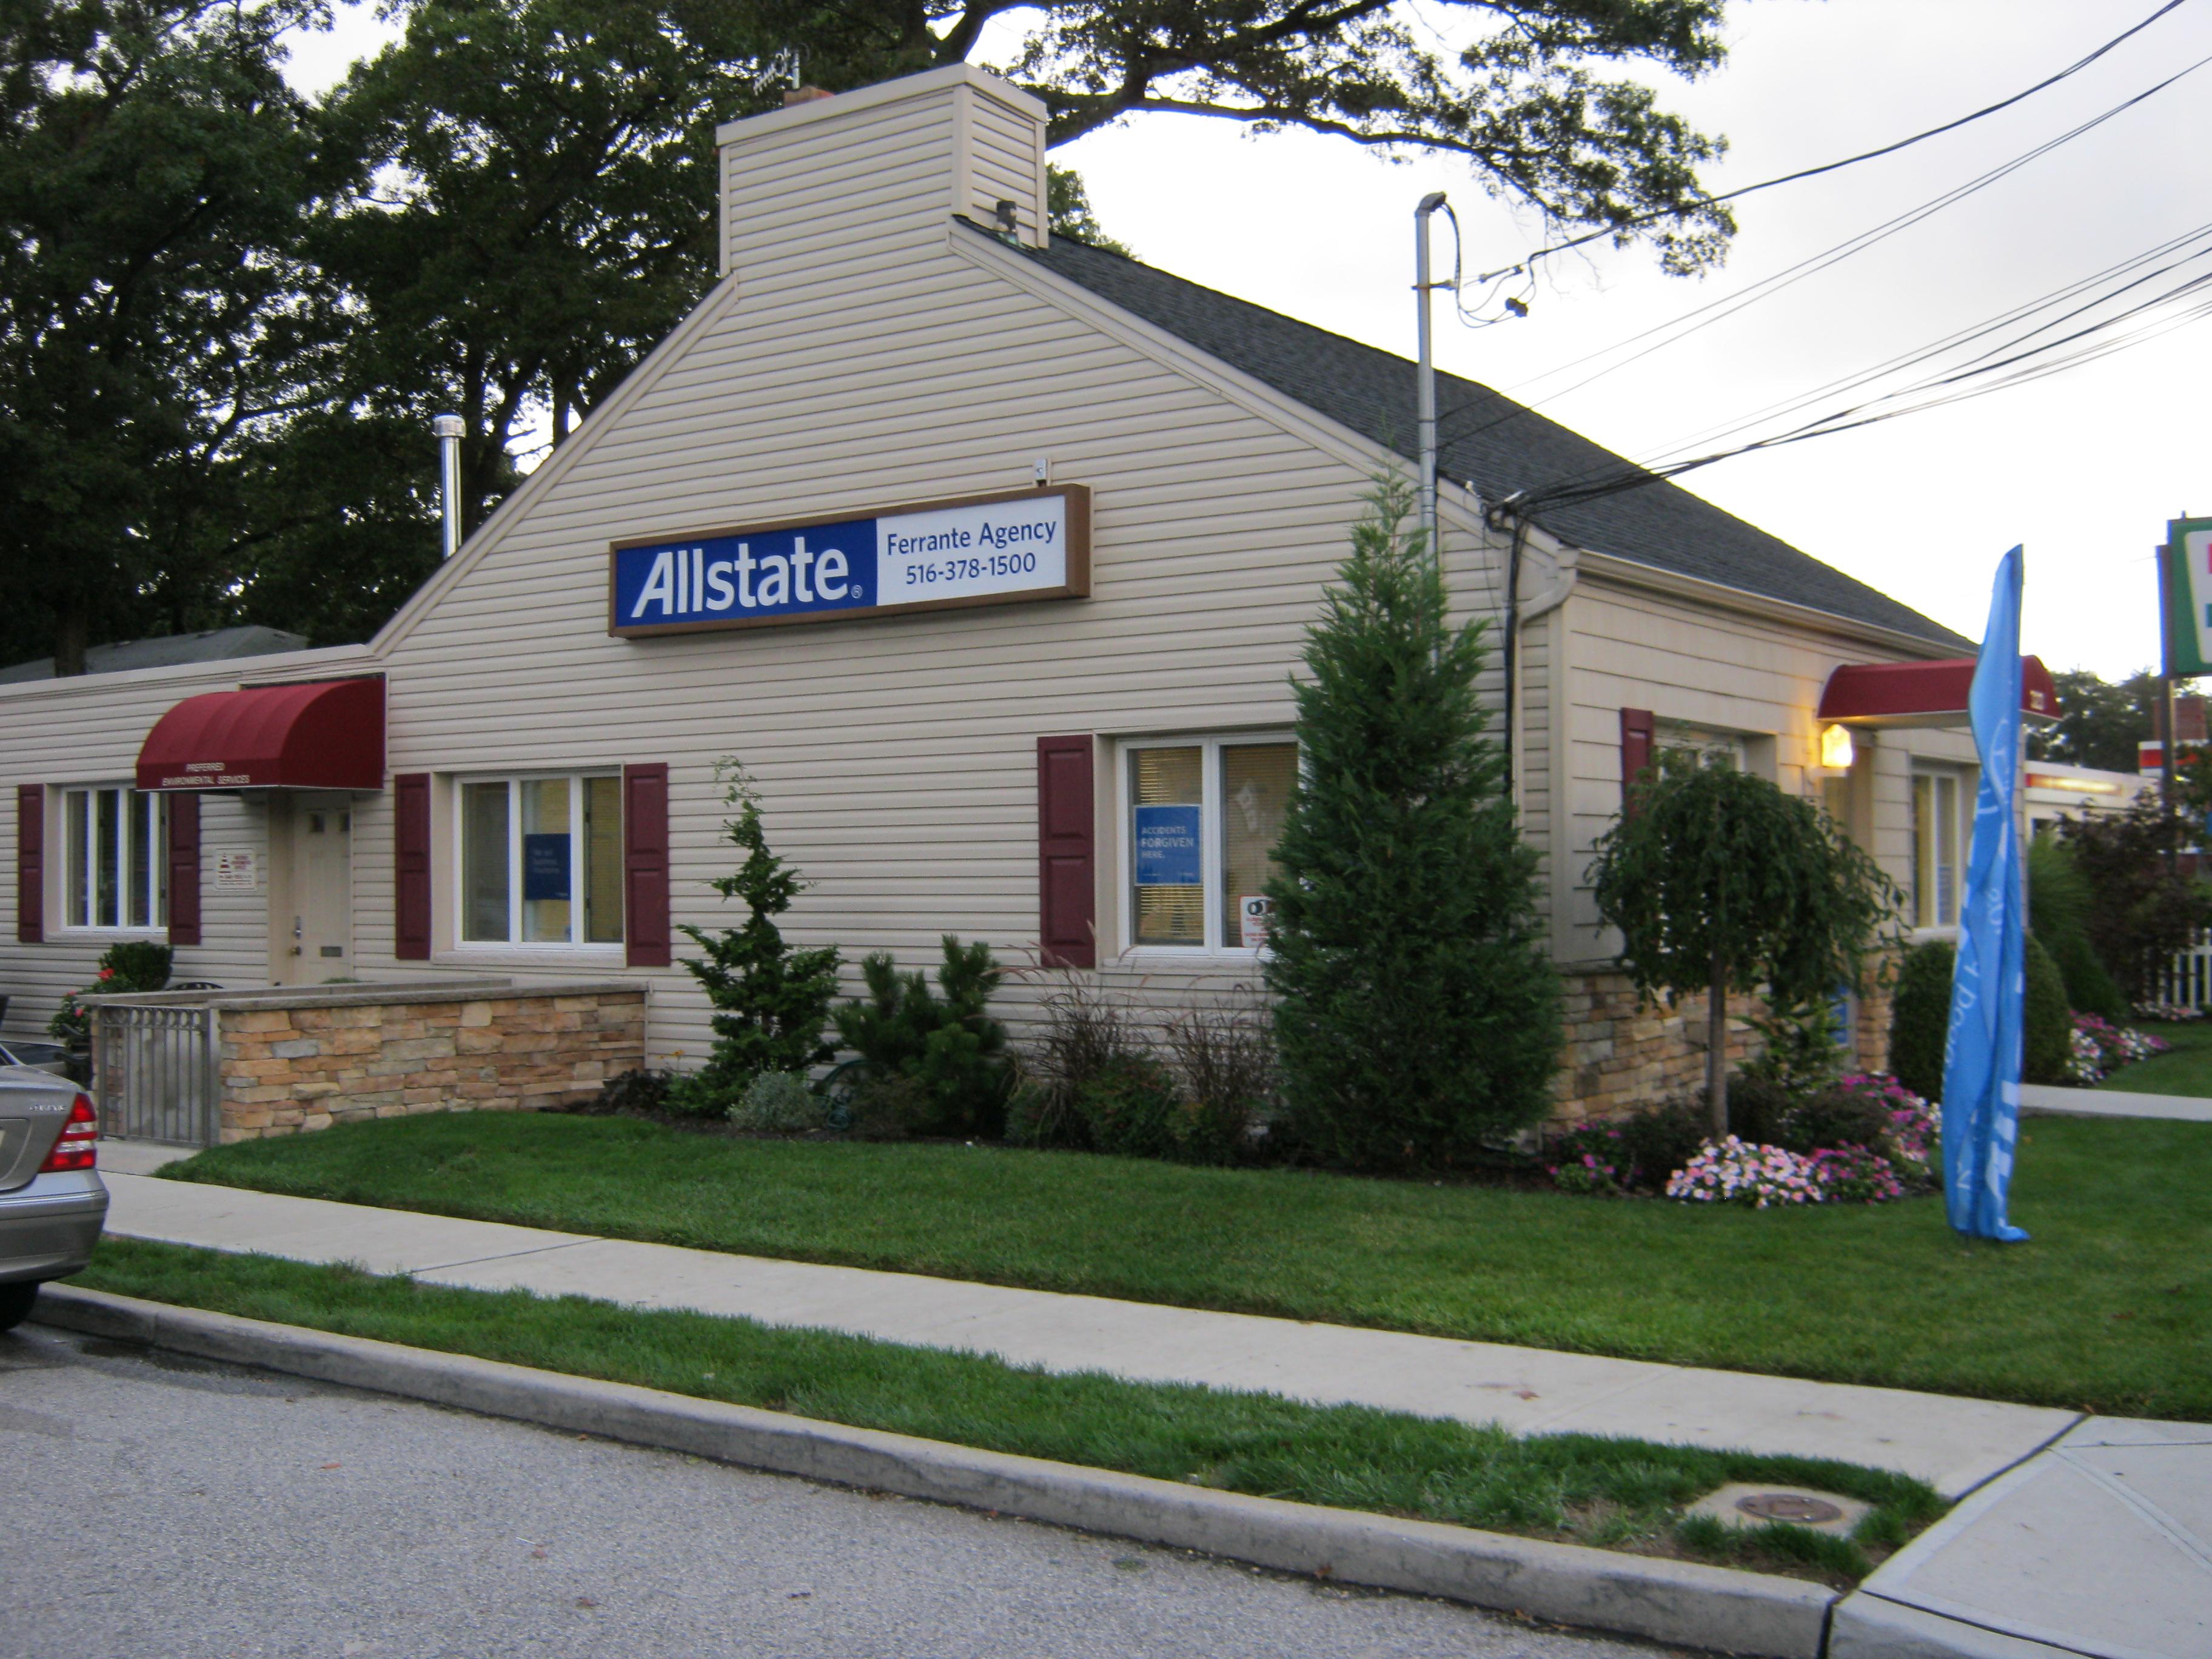 Salvatore Ferrante: Allstate Insurance image 2